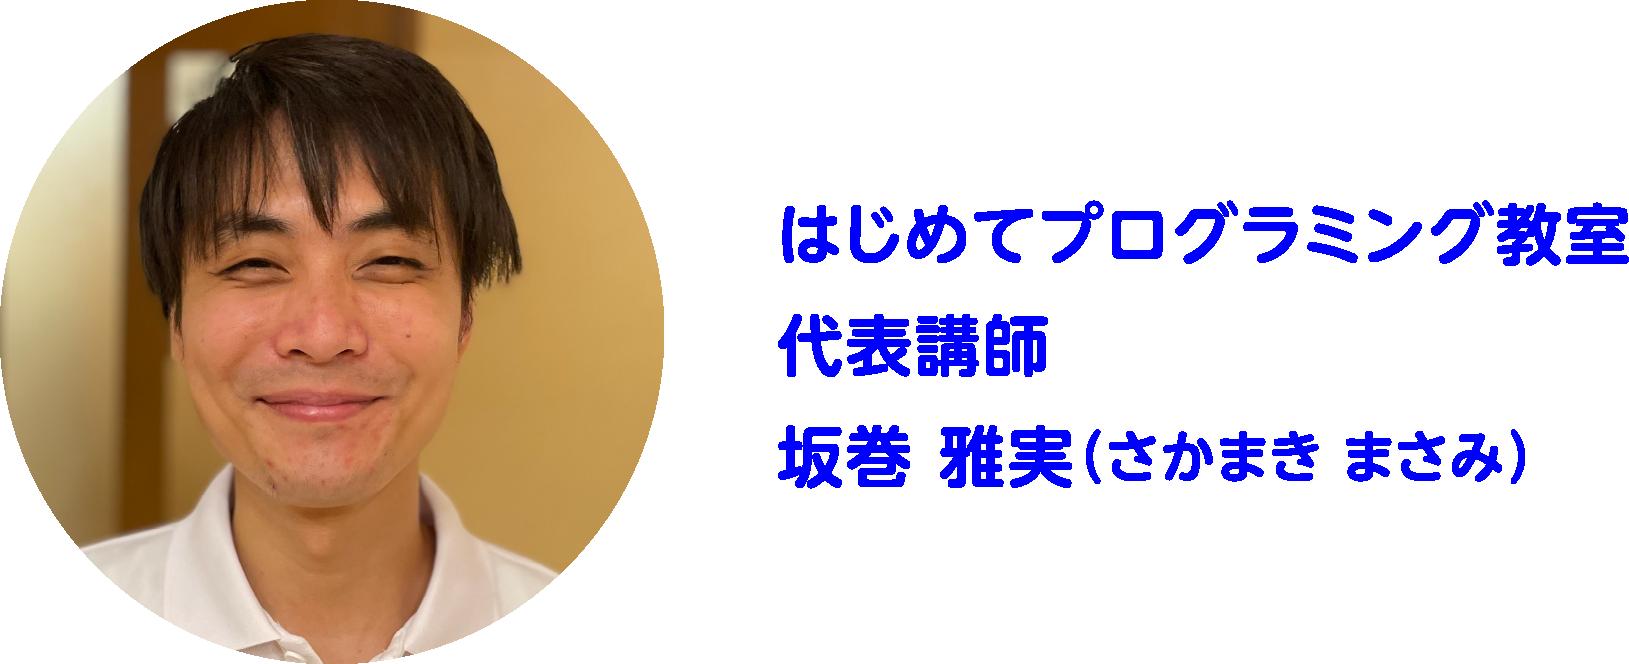 代表講師 坂巻雅実